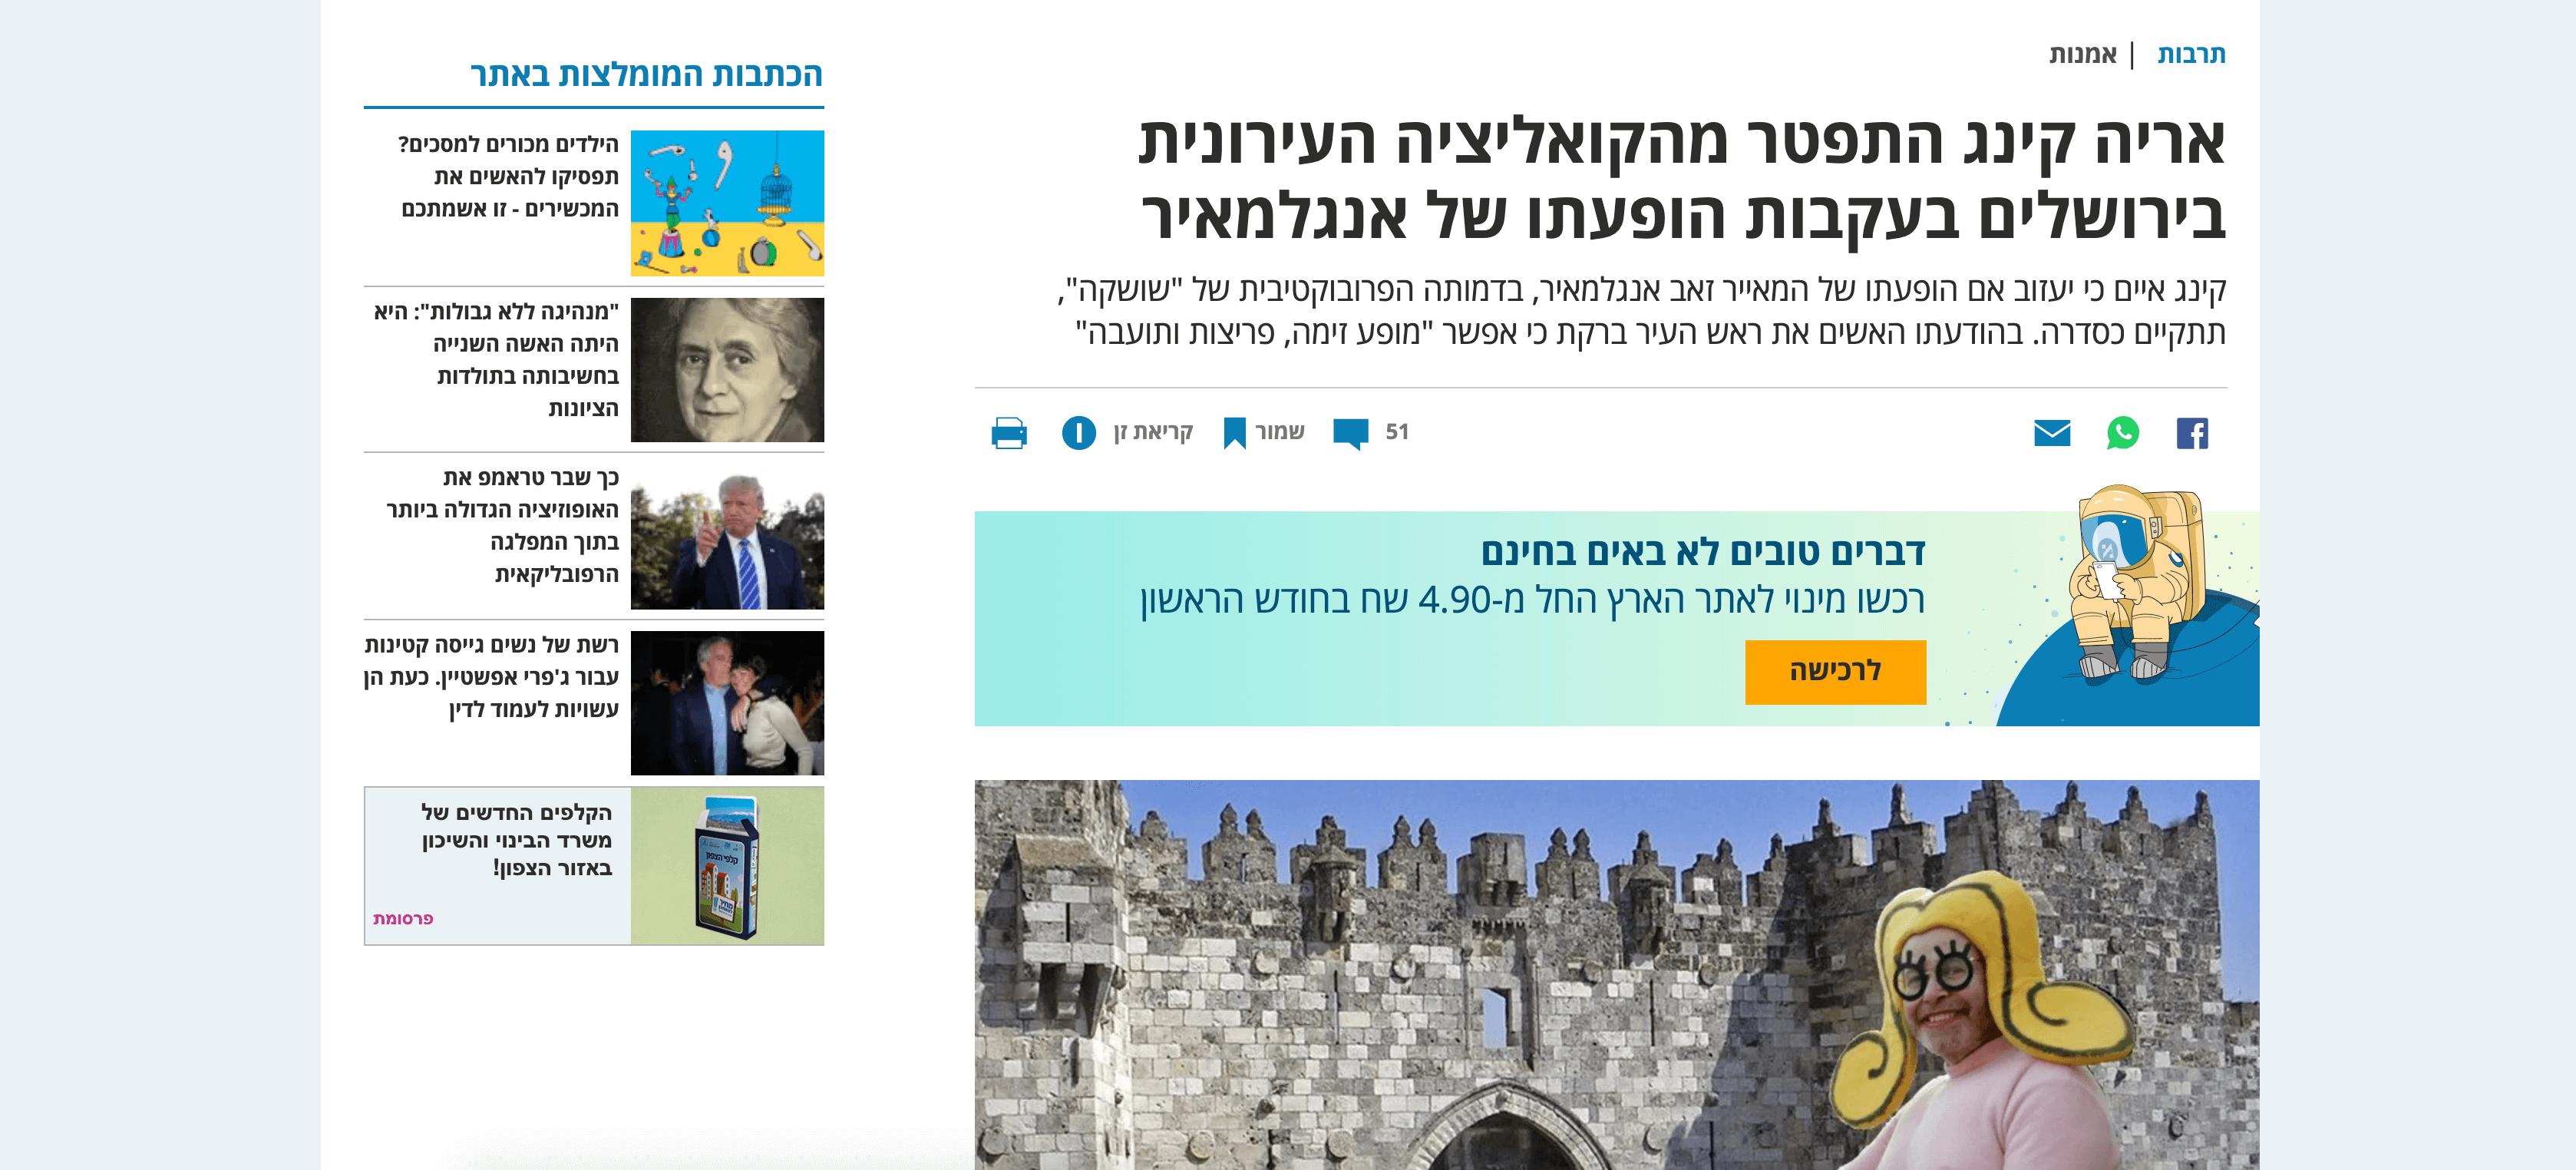 אריה קינג התפטר. צילום מסך מתוך אתר ׳הארץ׳